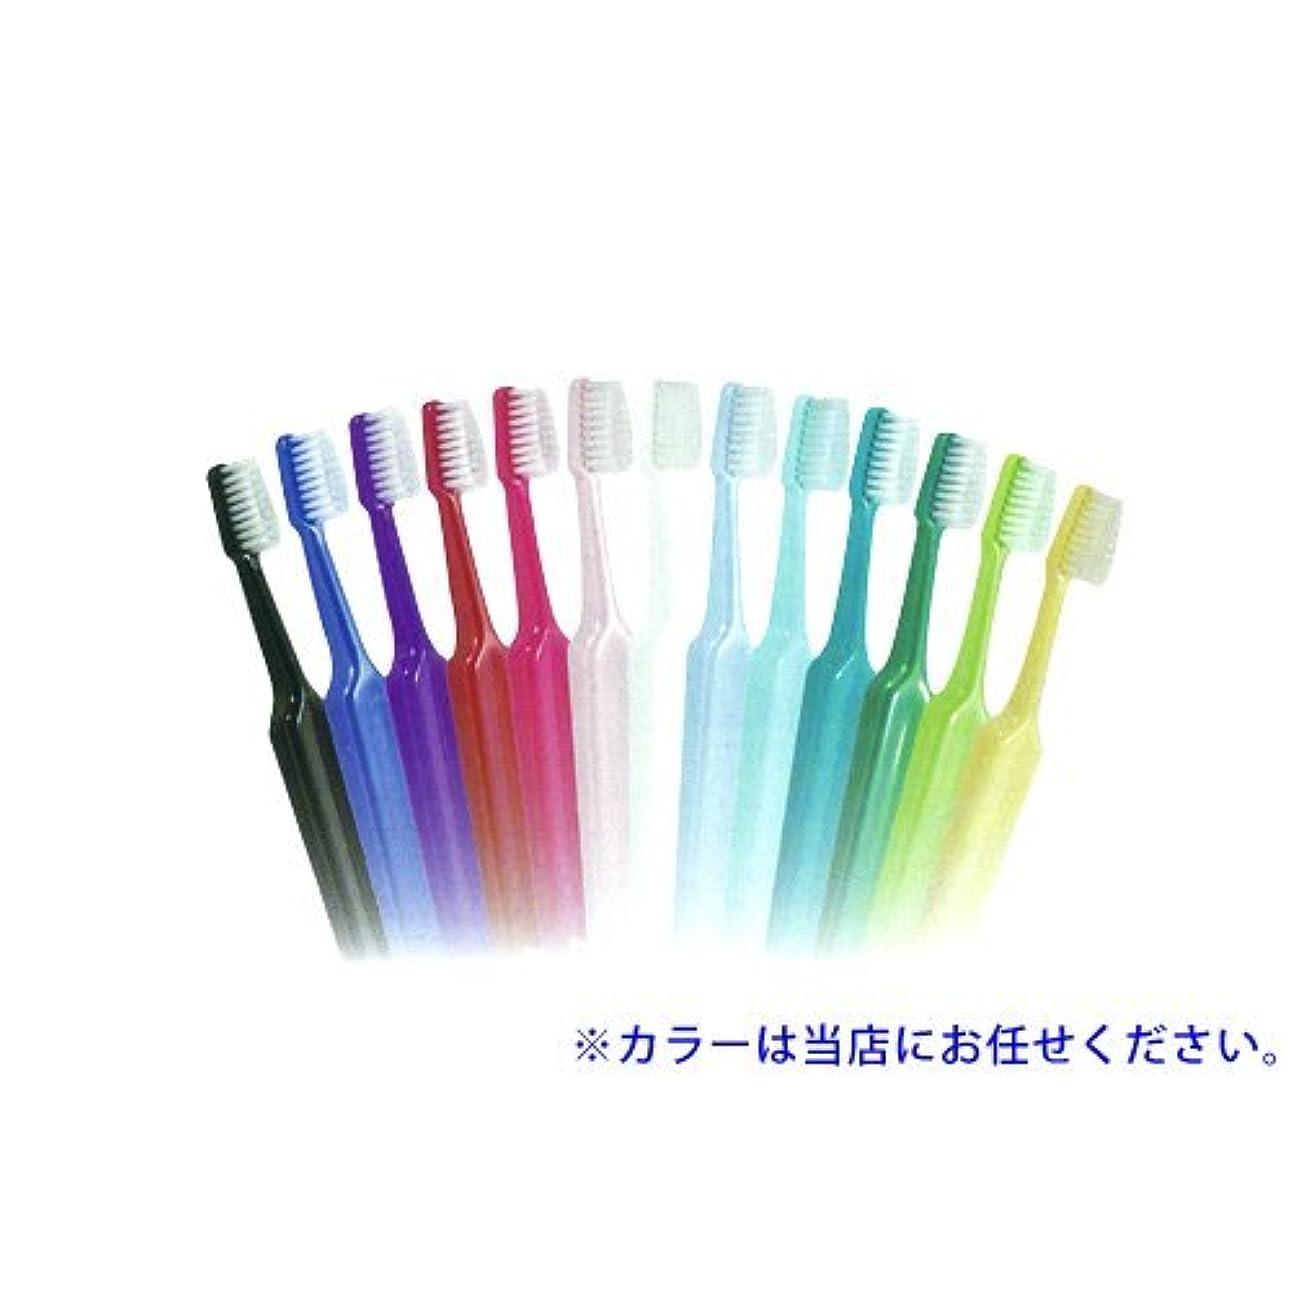 魔術イヤホンすずめクロスフィールド TePe テペ セレクトコンパクト 歯ブラシ 1本 コンパクト ミディアム